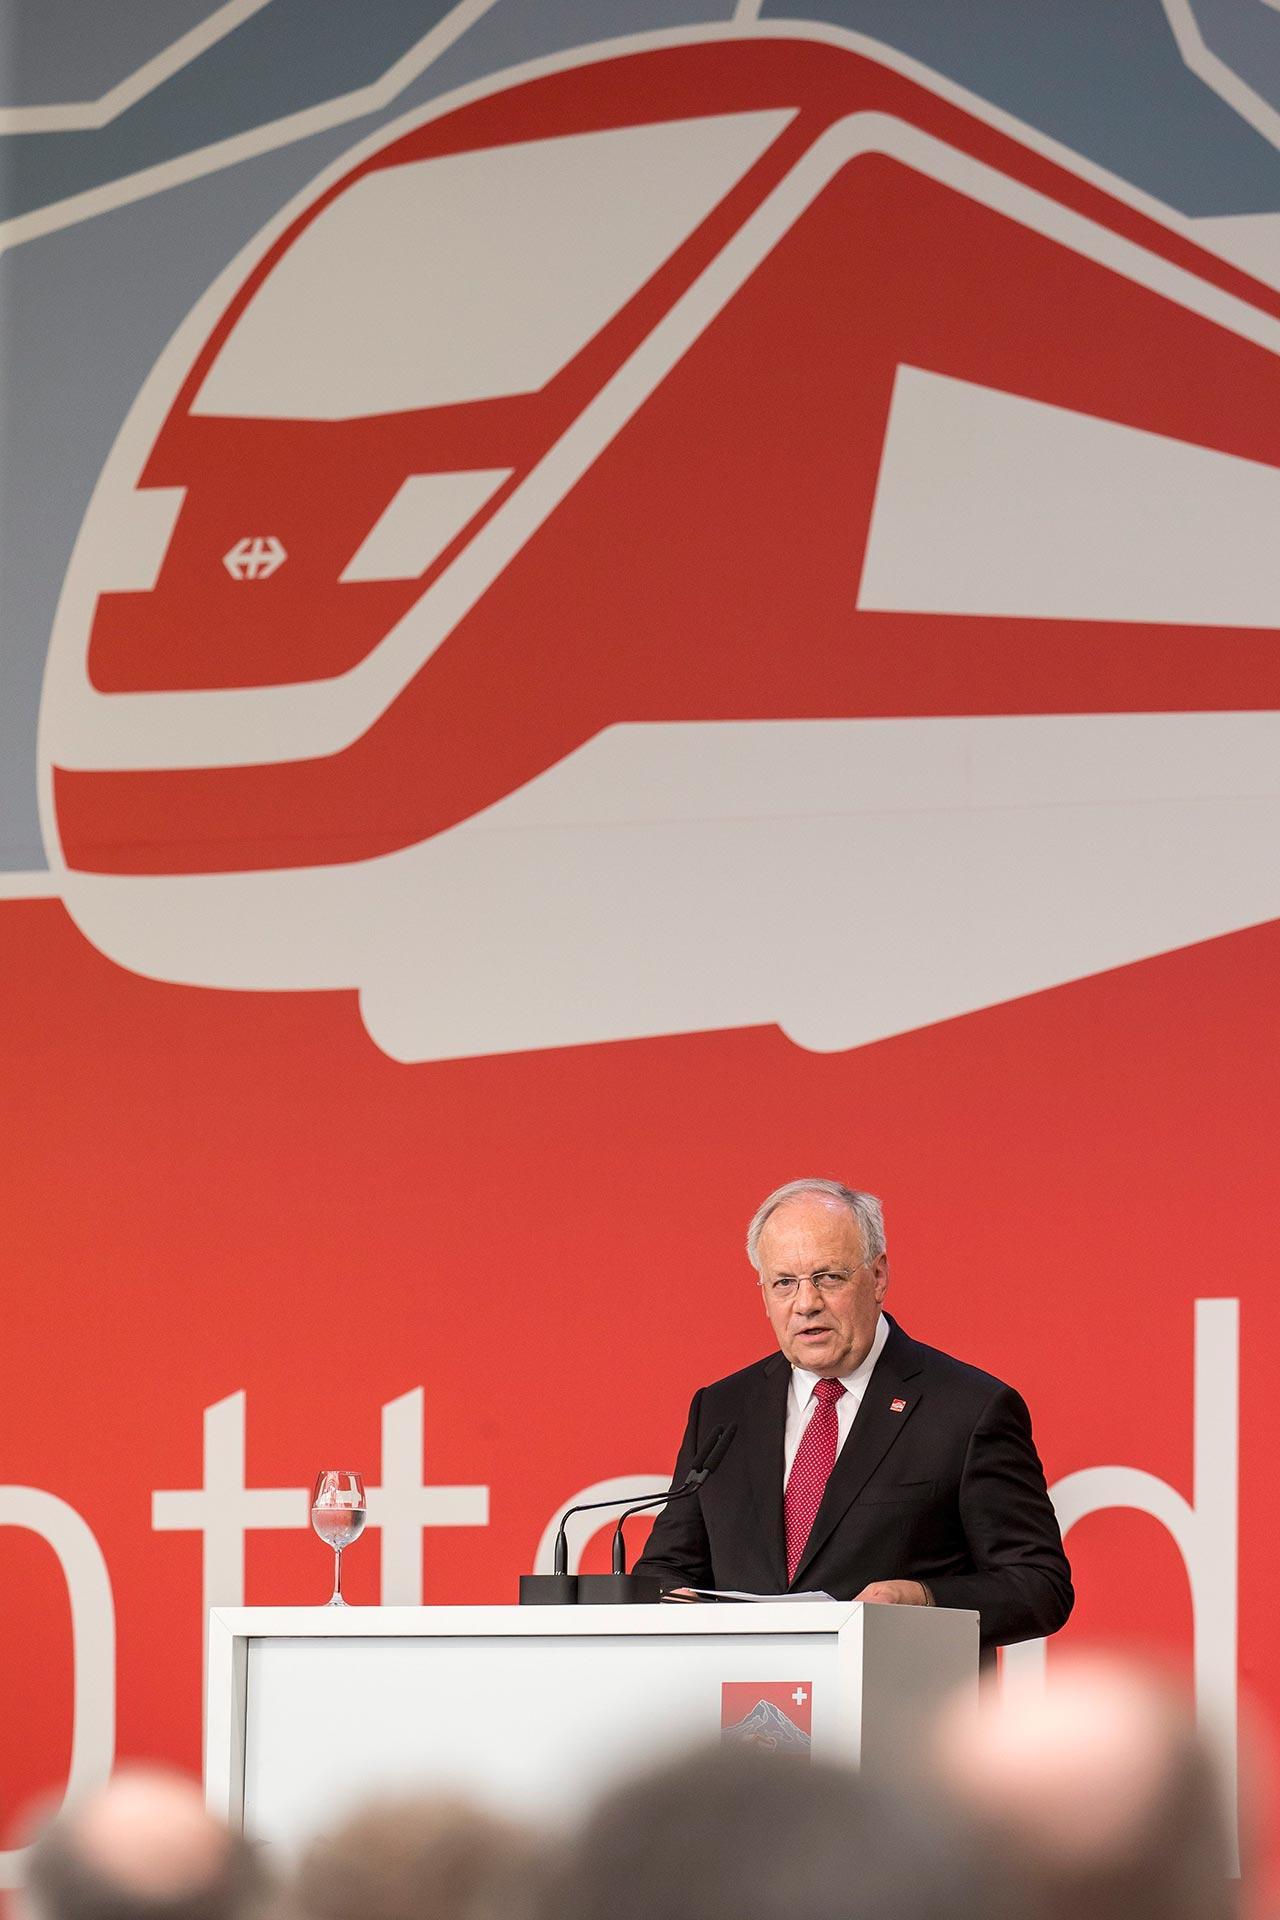 โยฮัน ชไนเดอร์-อัมมานน์ ประธานาธิบดีแห่งสวิตเซอร์แลนด์ กล่าวสุนทรพจน์ในพิธีเปิดอุโมงค์กอตธาร์ด (ภาพ: AP)